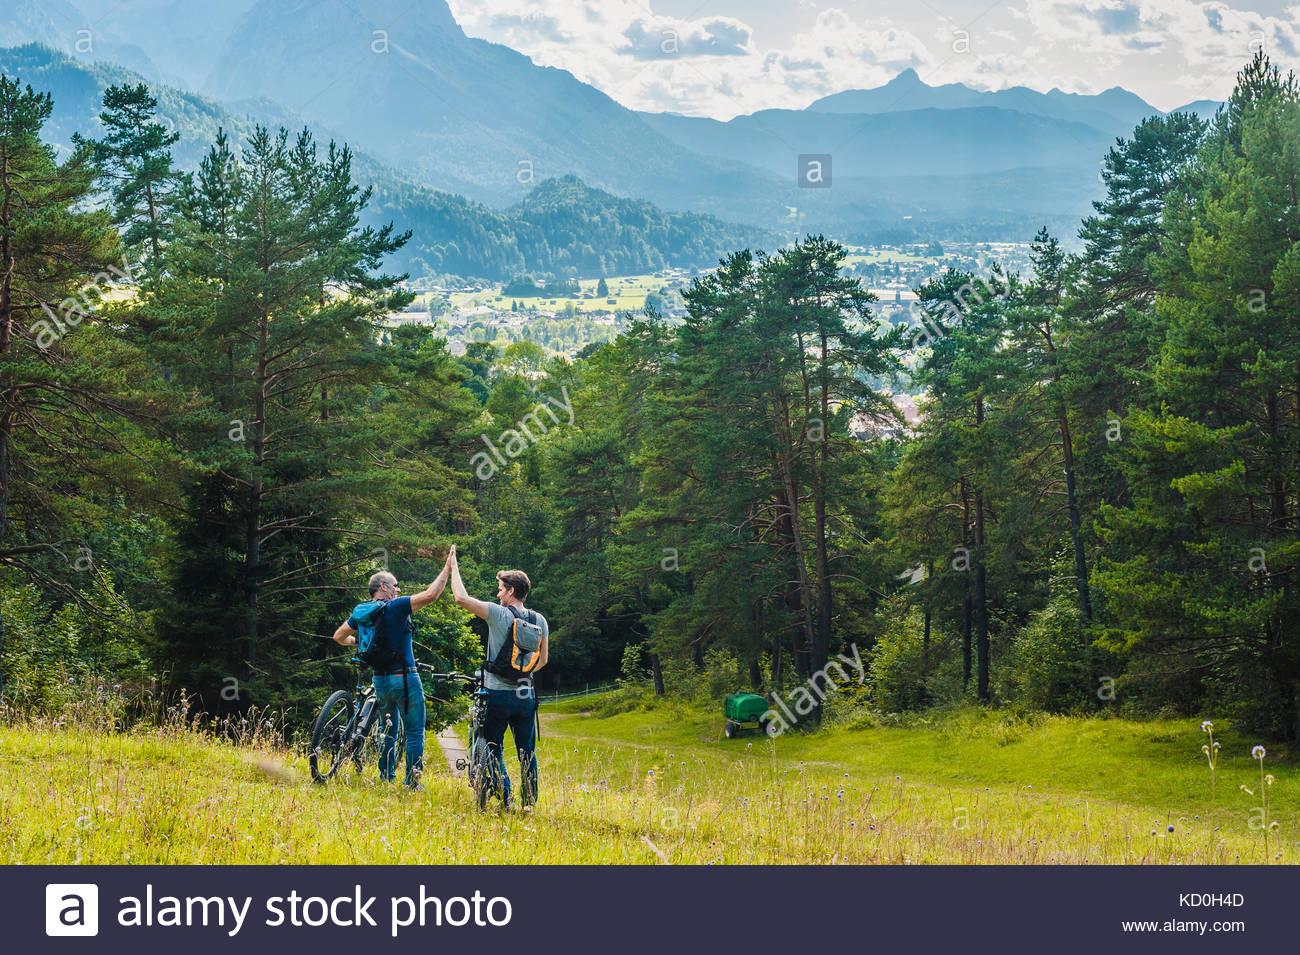 Vater und Sohn, in ländlicher Umgebung, Wandern mit Fahrrädern, die hohe fünf, elbsee, Bayern, Deutschland Stockbild